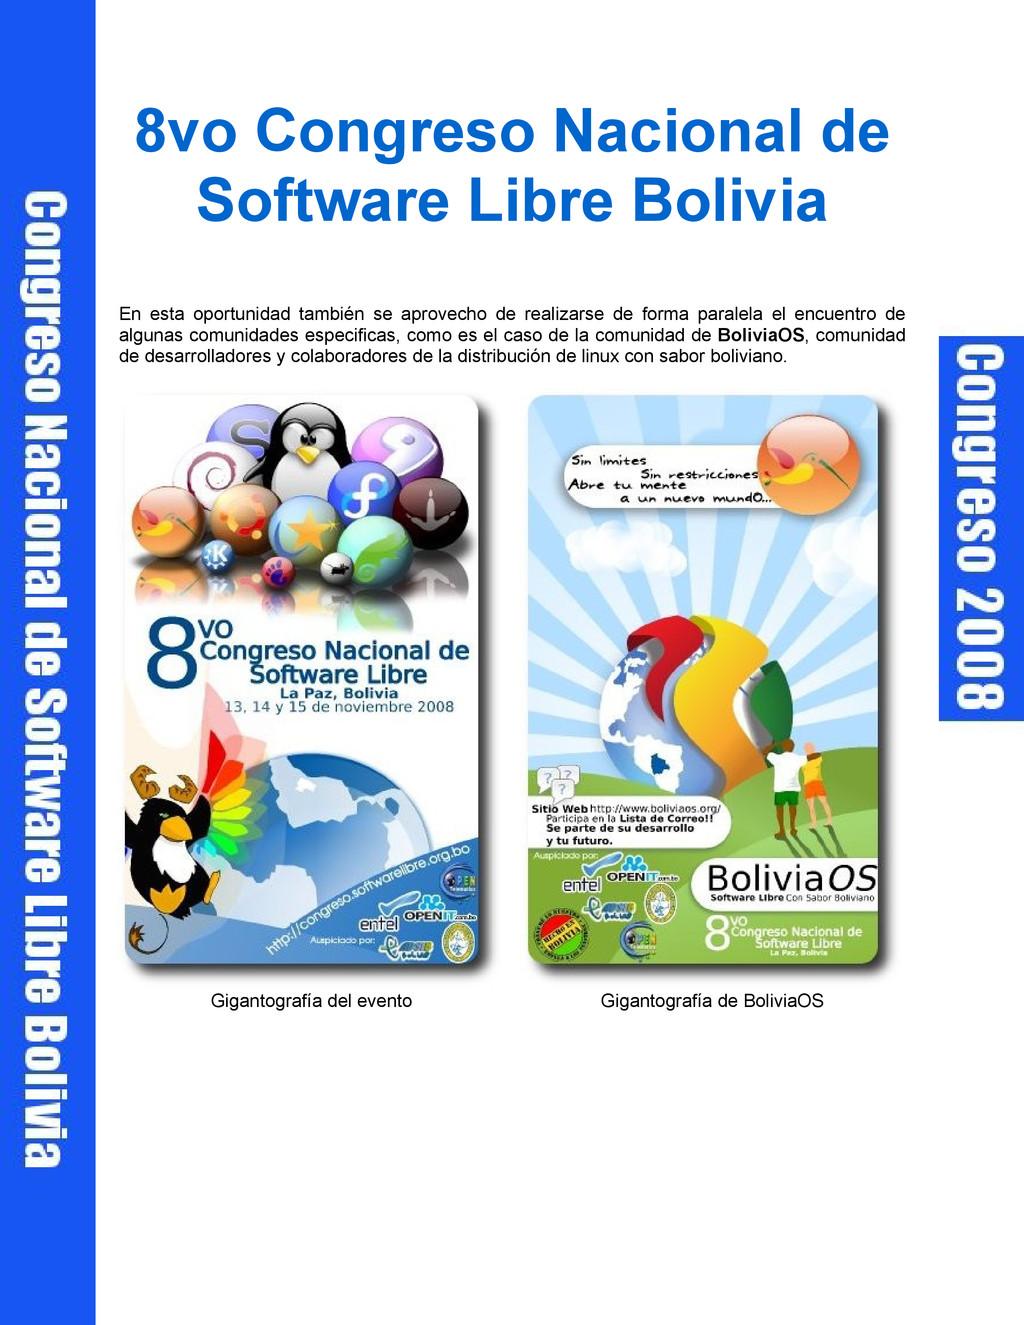 8vo Congreso Nacional de Software Libre Bolivia...